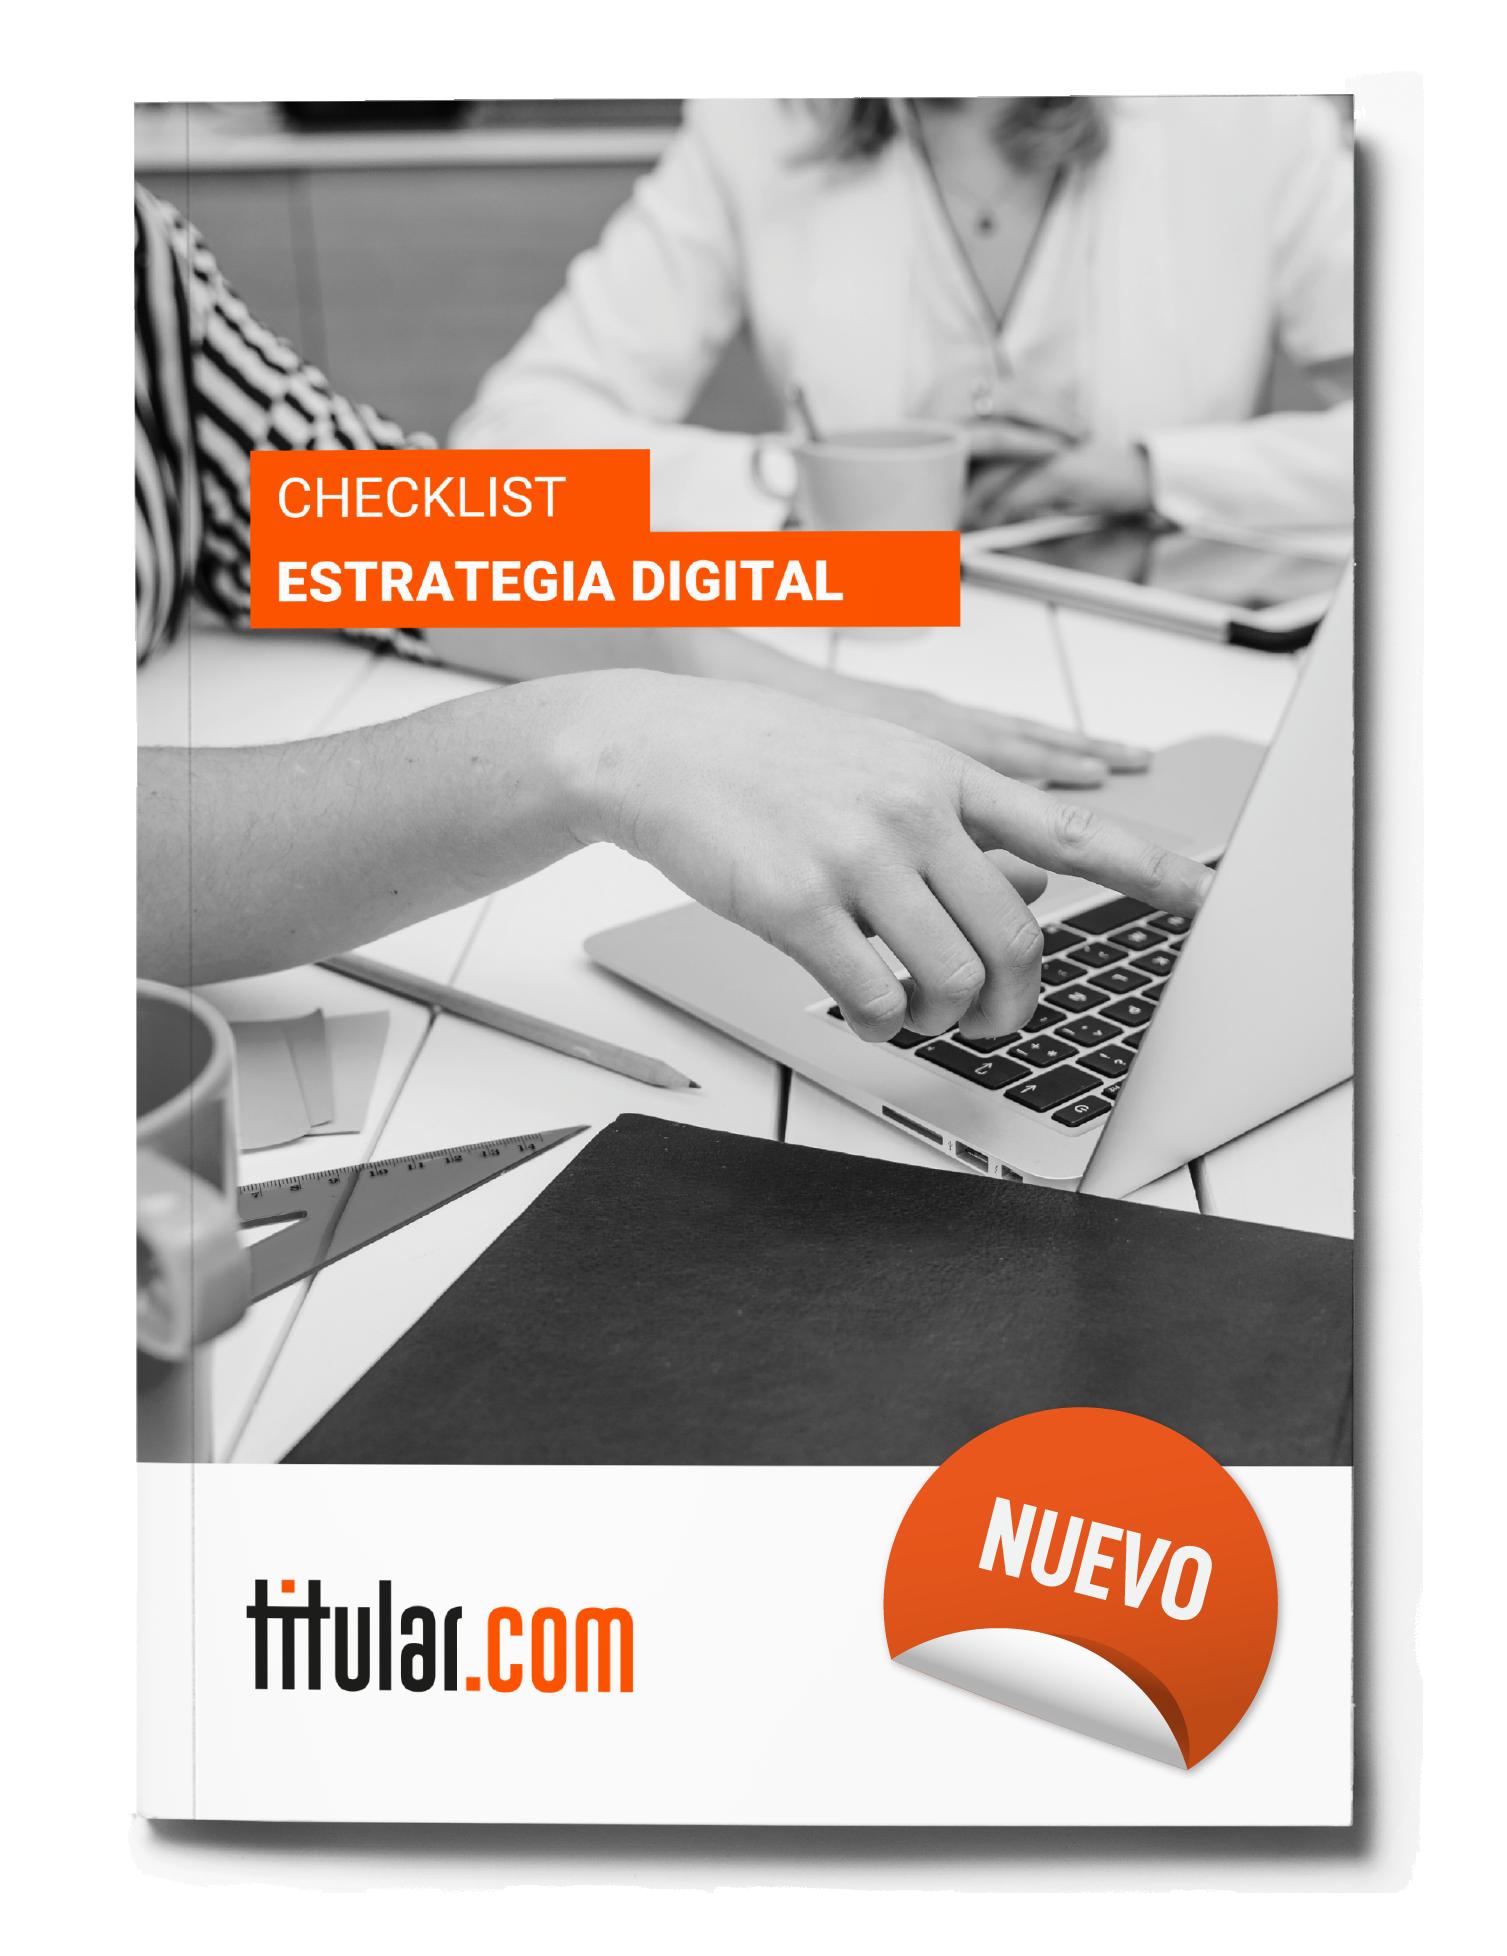 Checklist de estrategia digital